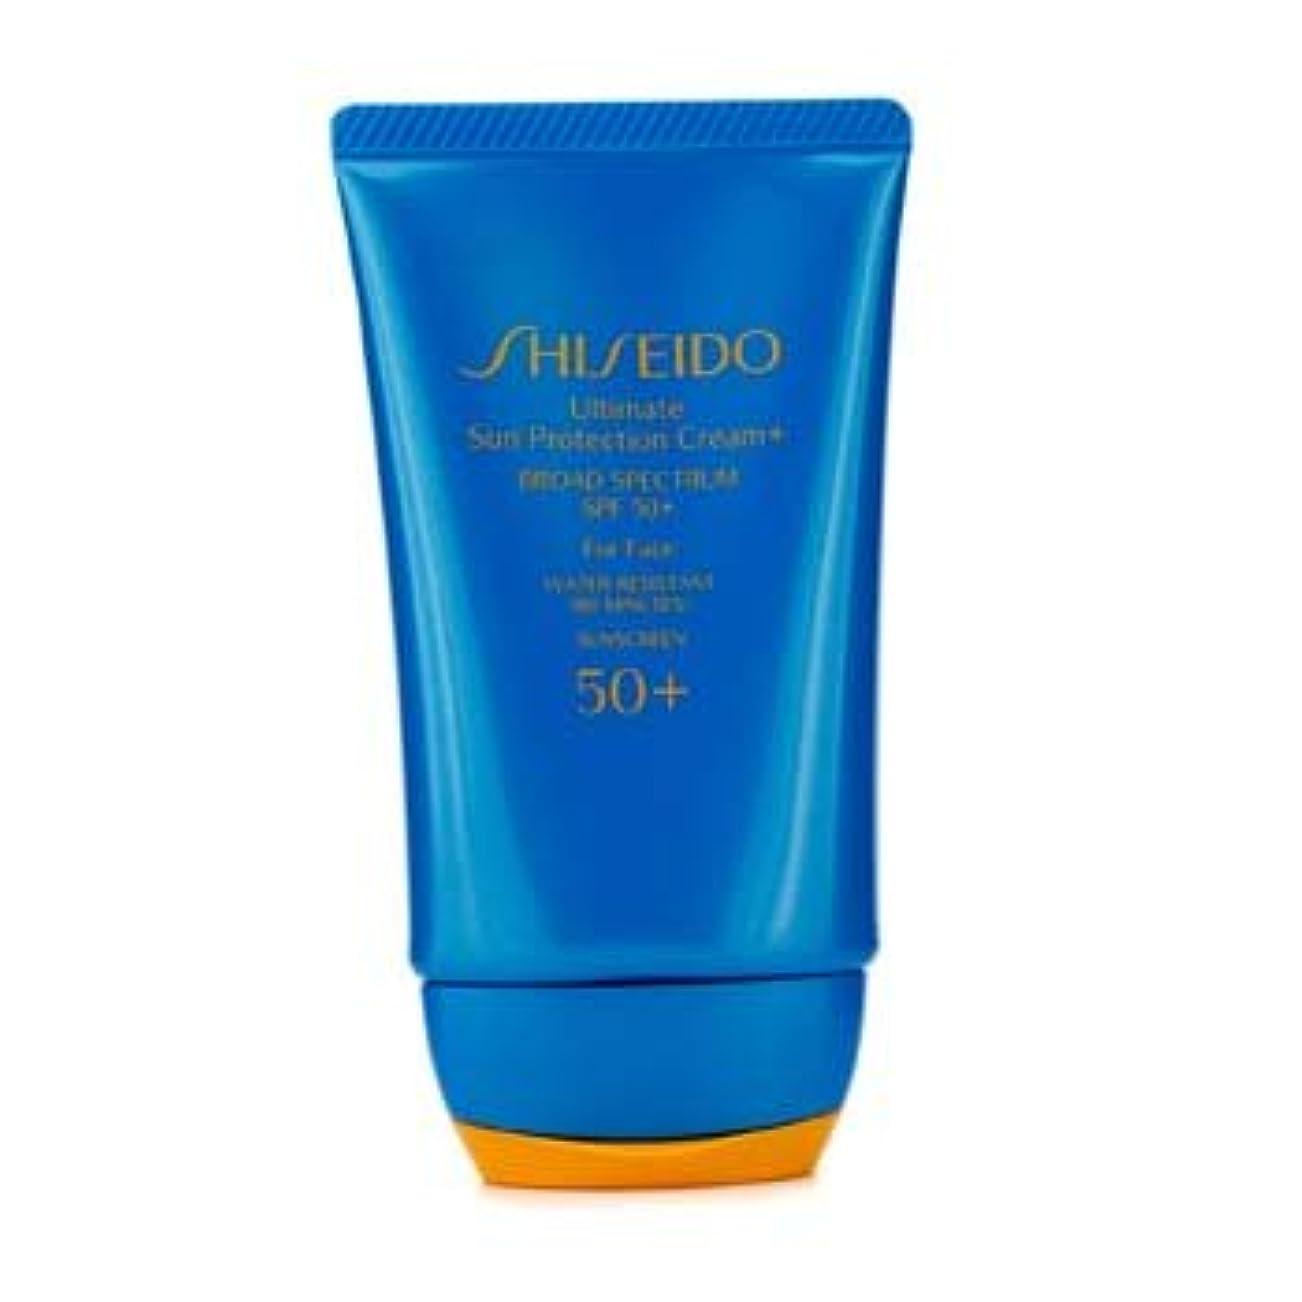 ソフトウェア安心びん[Shiseido] Ultimate Sun Protection Face Cream SPF 50+ 50ml/2.1oz